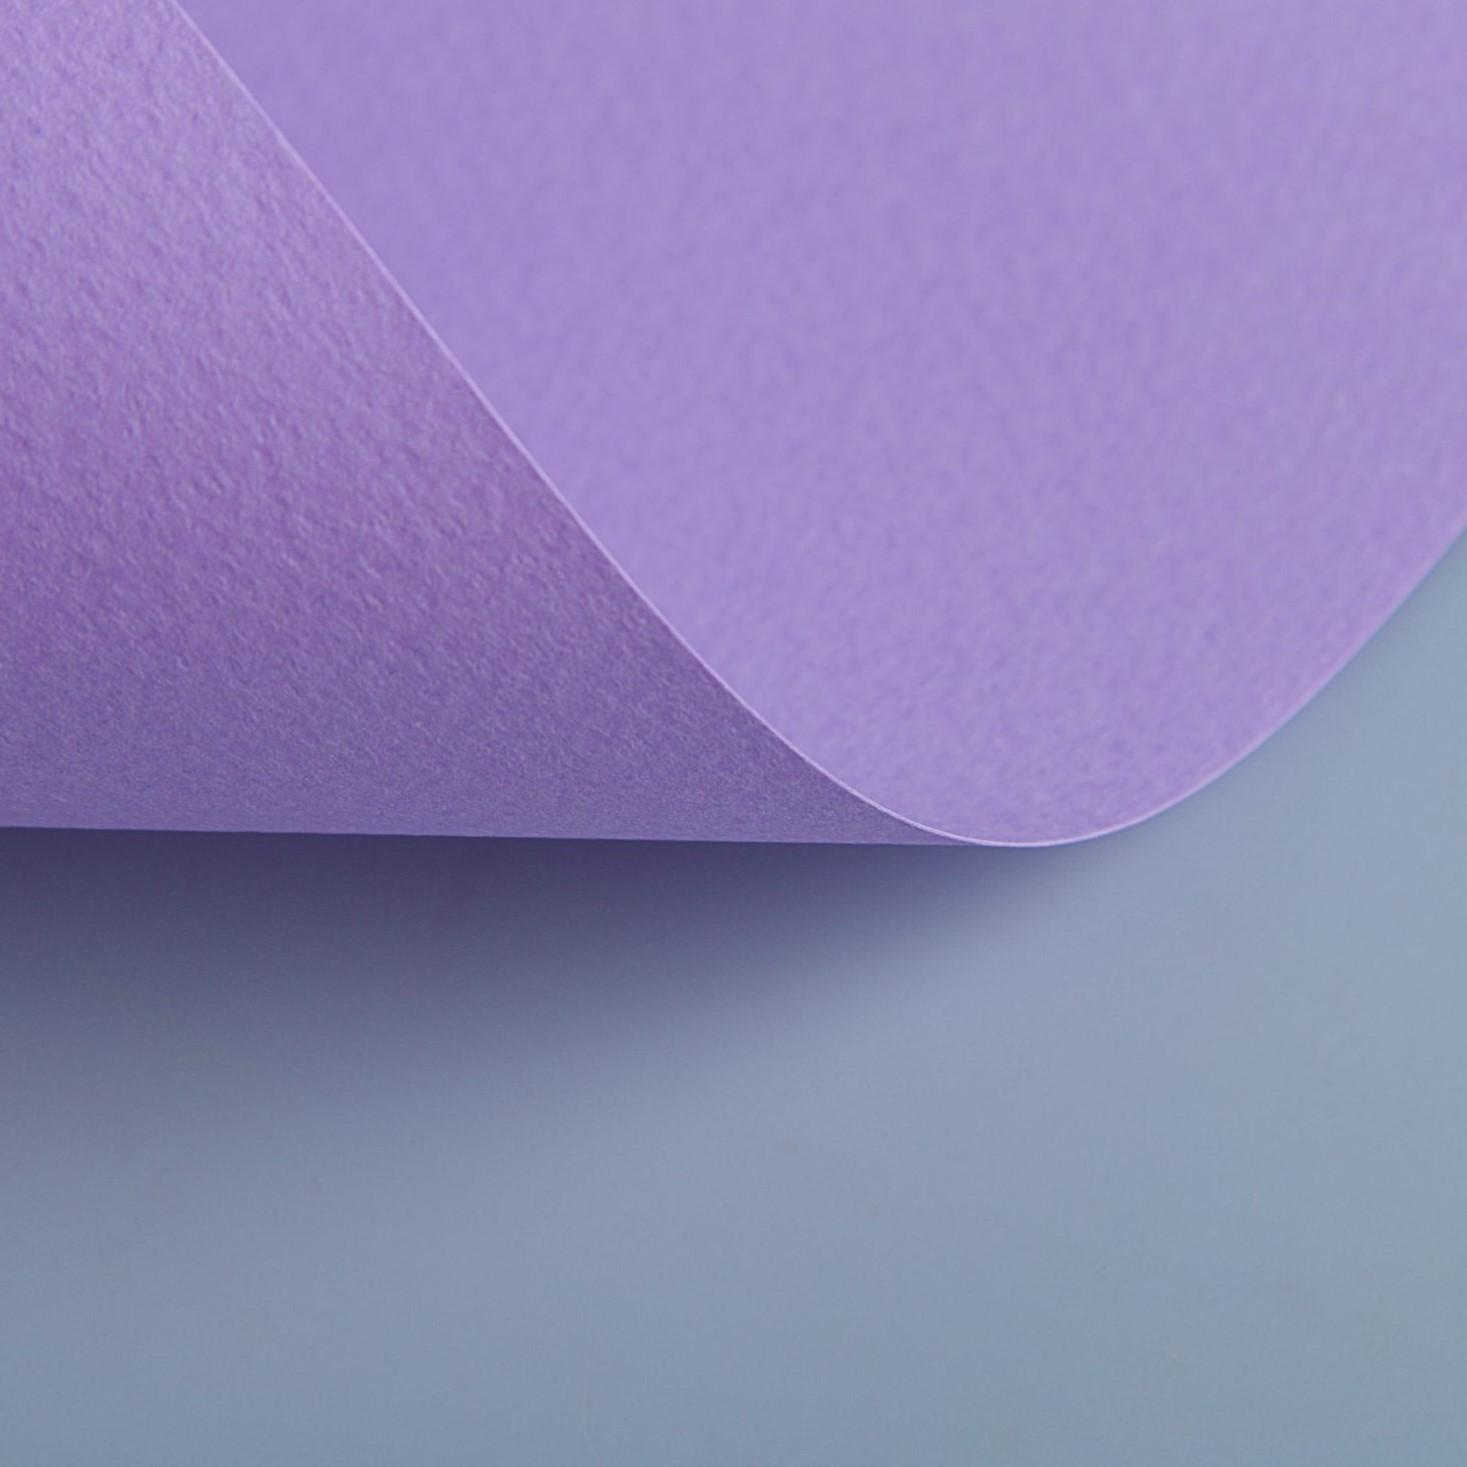 Бумага для пастели Tiziano A4 (21 * 29,7см), №33 violetta, 160г / м2, фиолетовый, среднее зерно, Fabriano